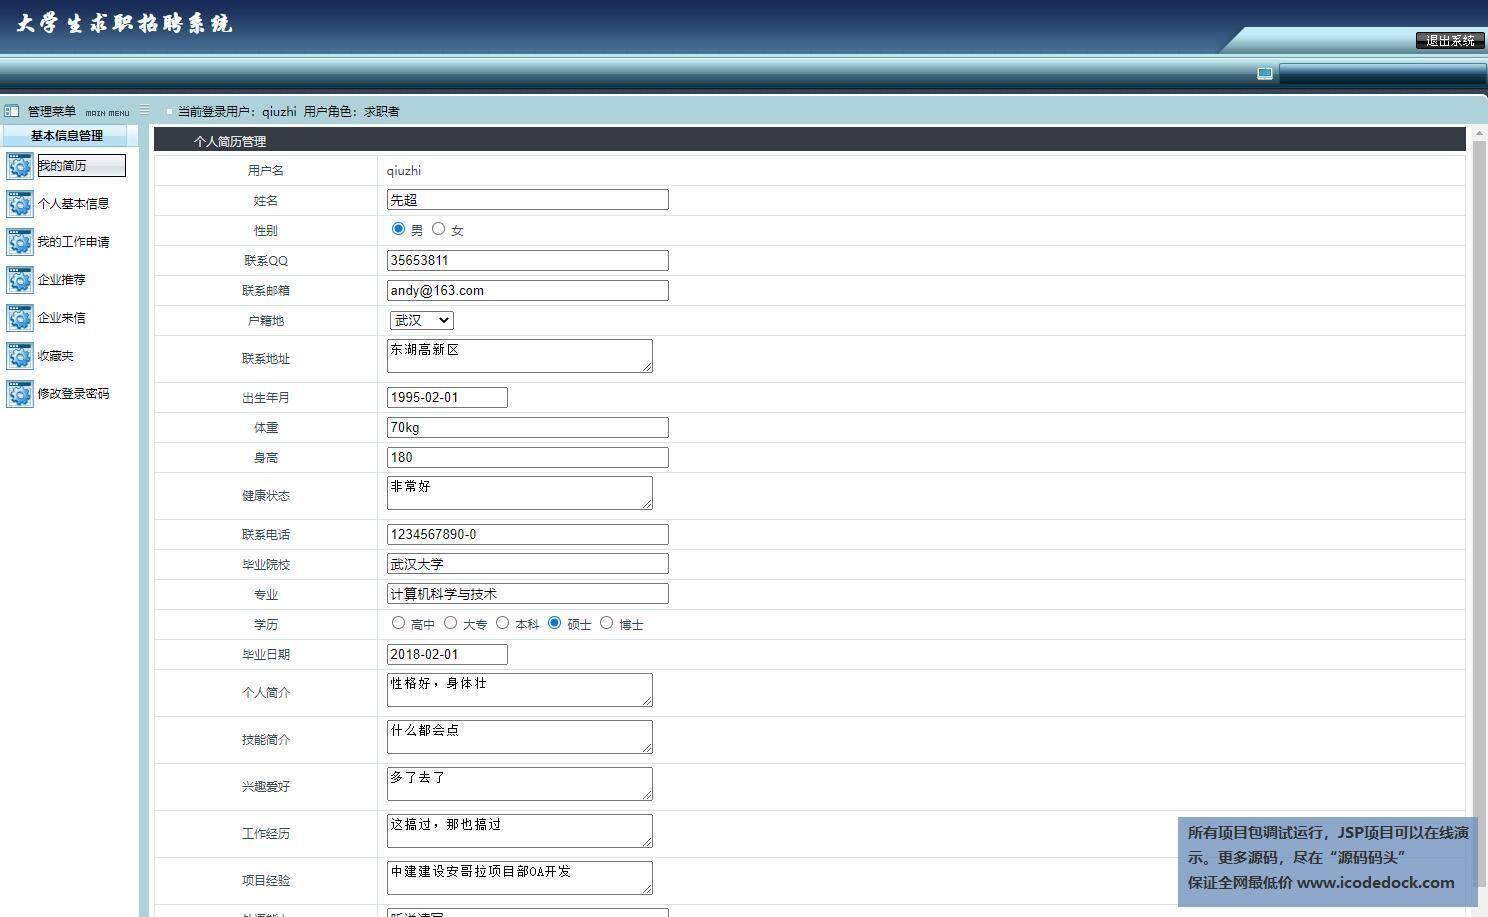 源码码头-JSP招聘求职管理系统-求职者角色-个人简历管理